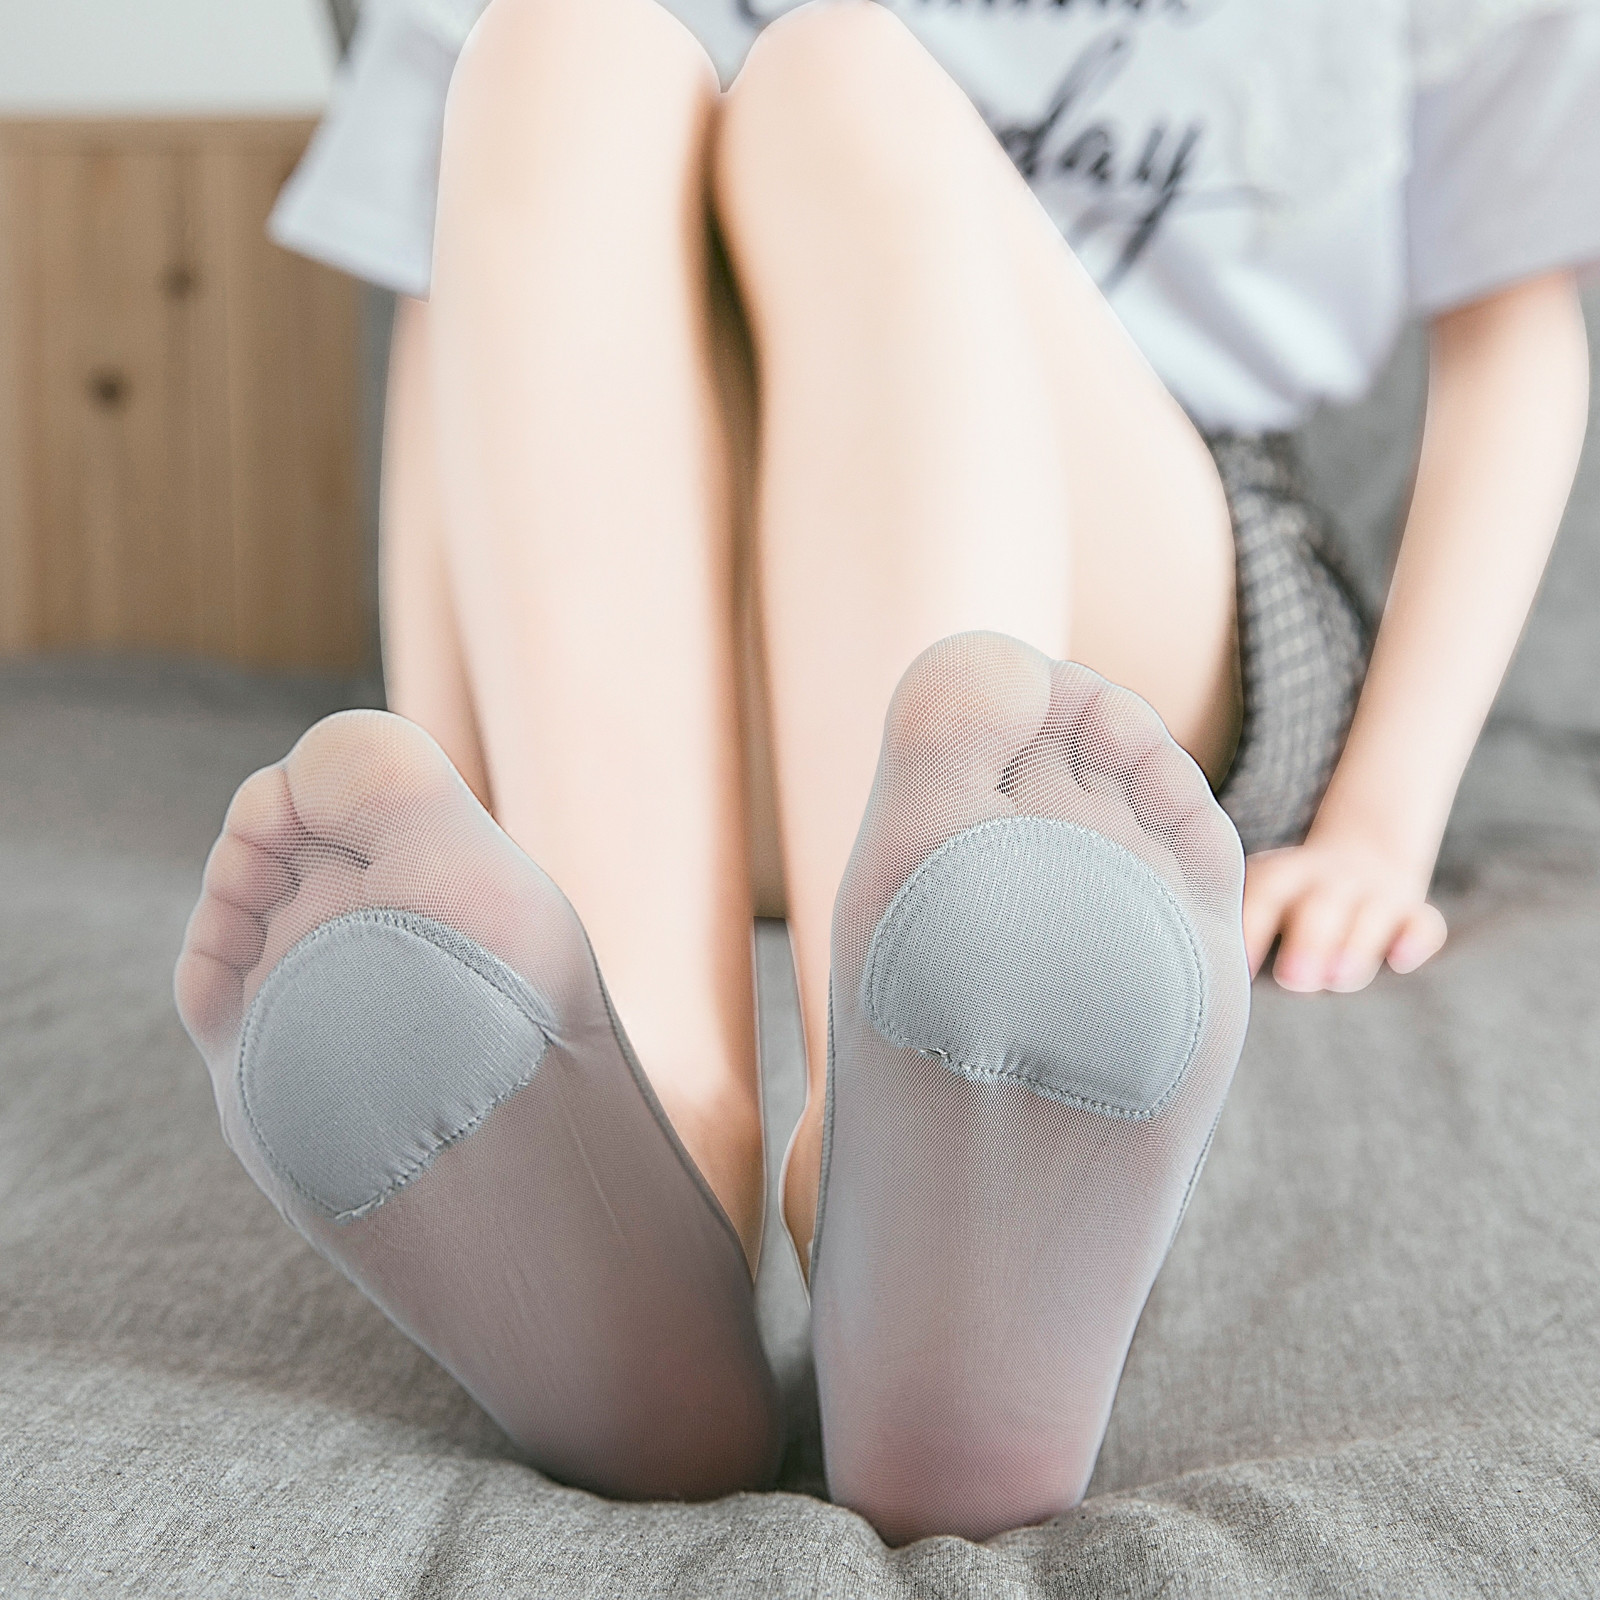 高跟鞋袜子夏季女士船袜浅口硅胶防滑袜底短袜韩国薄款防臭隐形袜